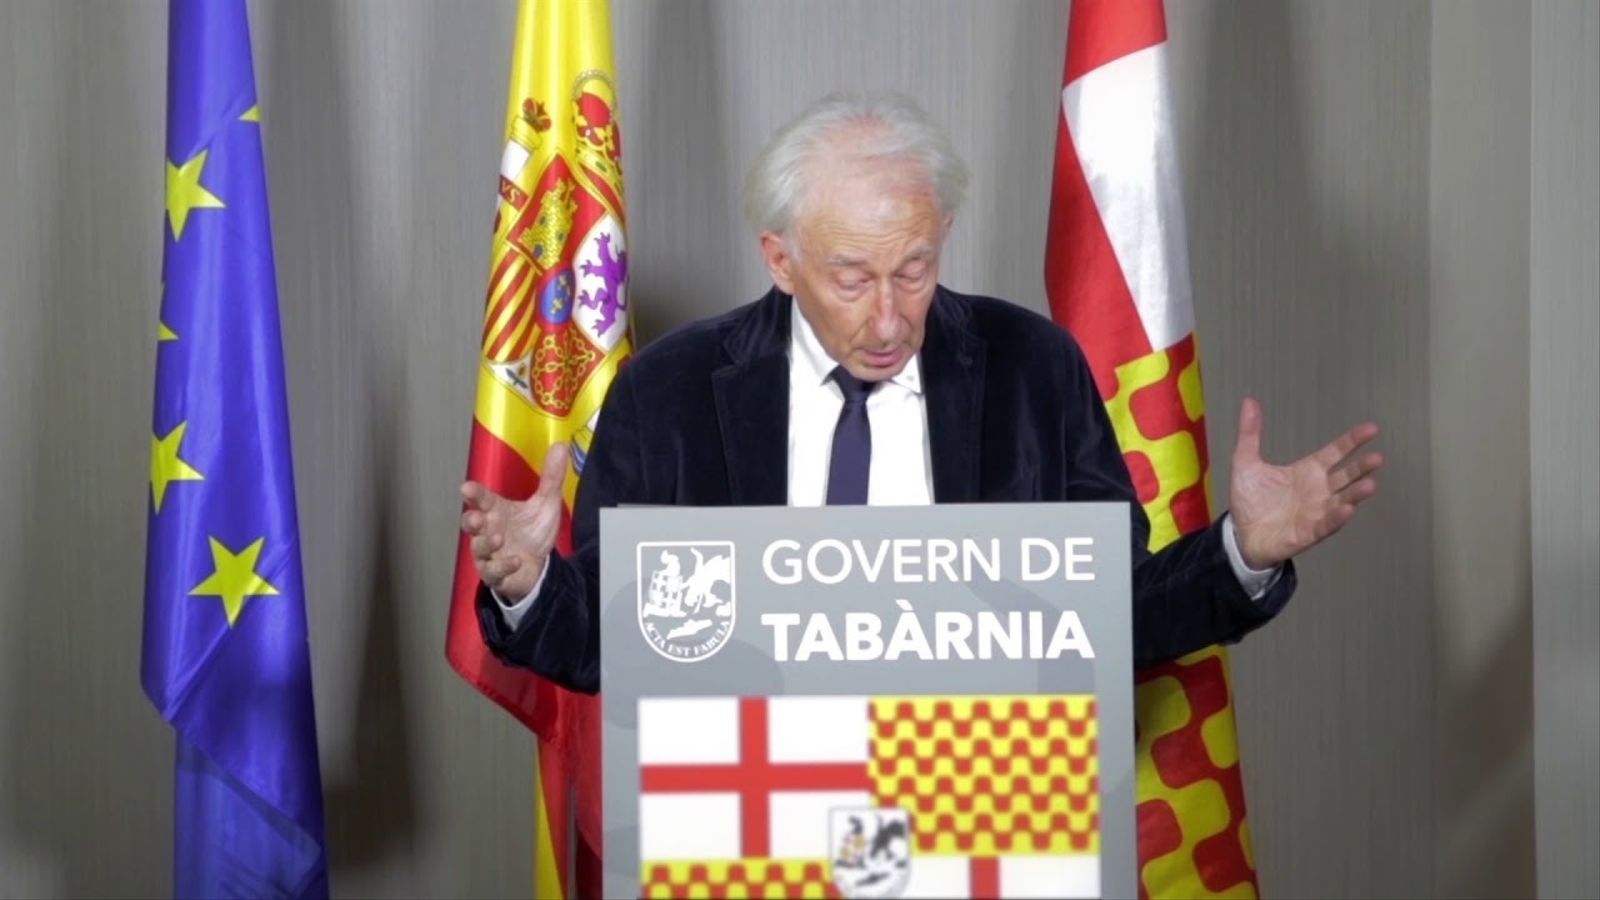 Discurs d'Albert Boadella en la presentació de Tabàrnia